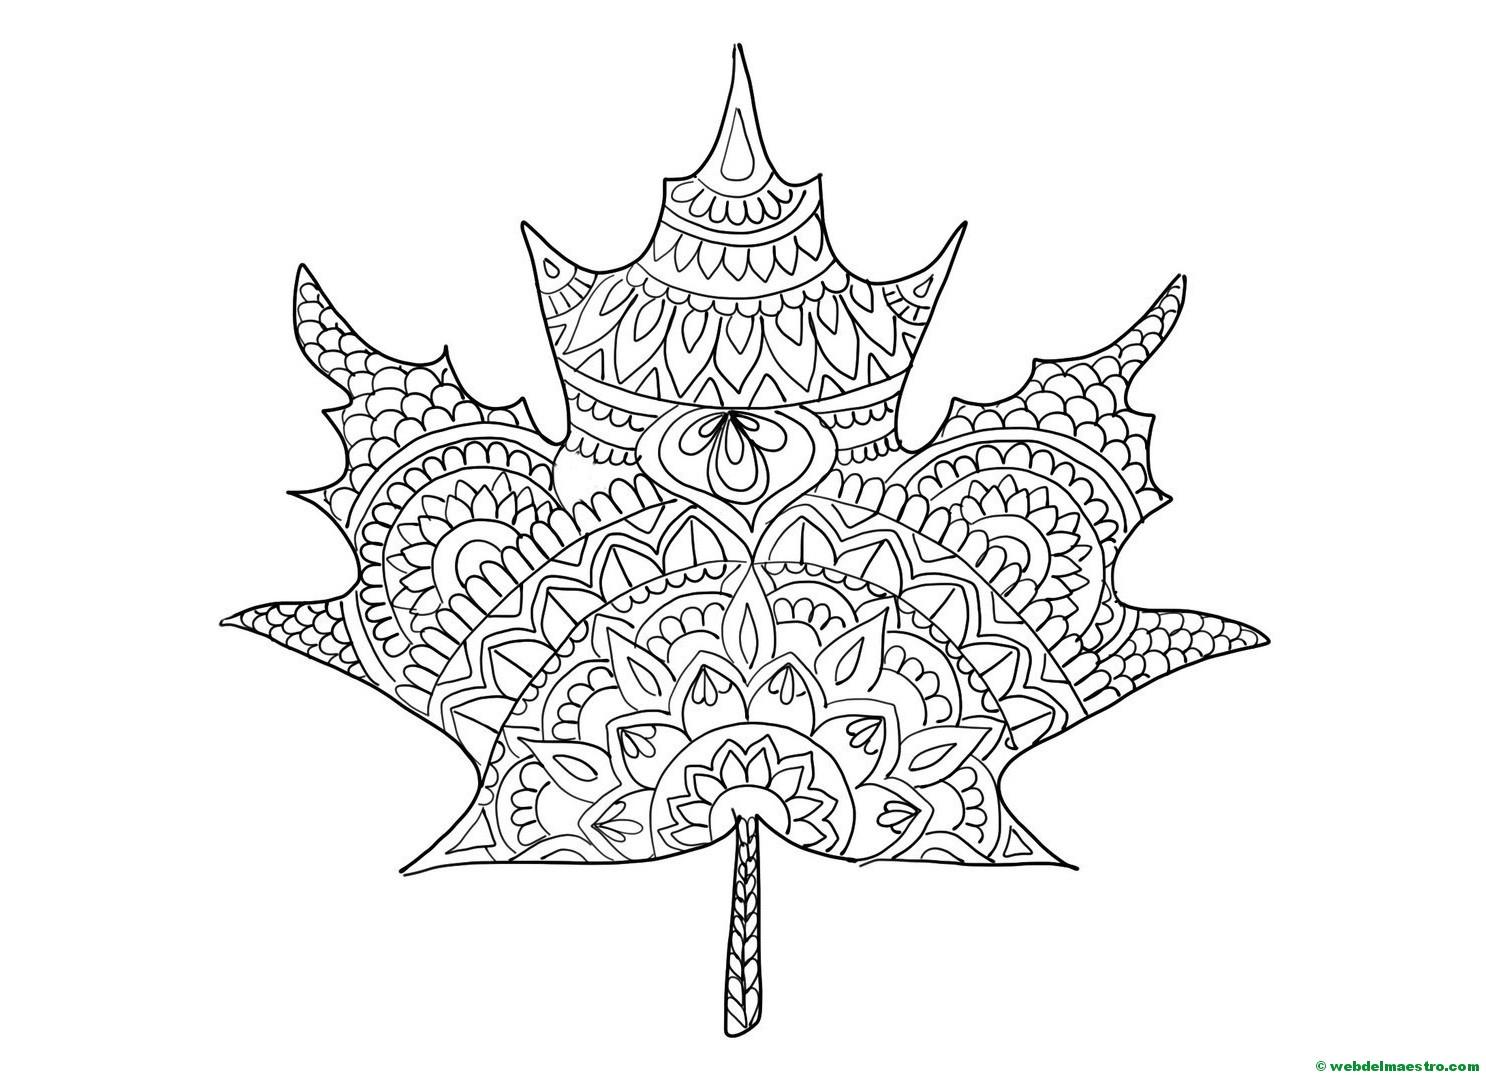 Dibujos Para Colorear Grandes: Dibujos Para Imprimir - Web Del Maestro